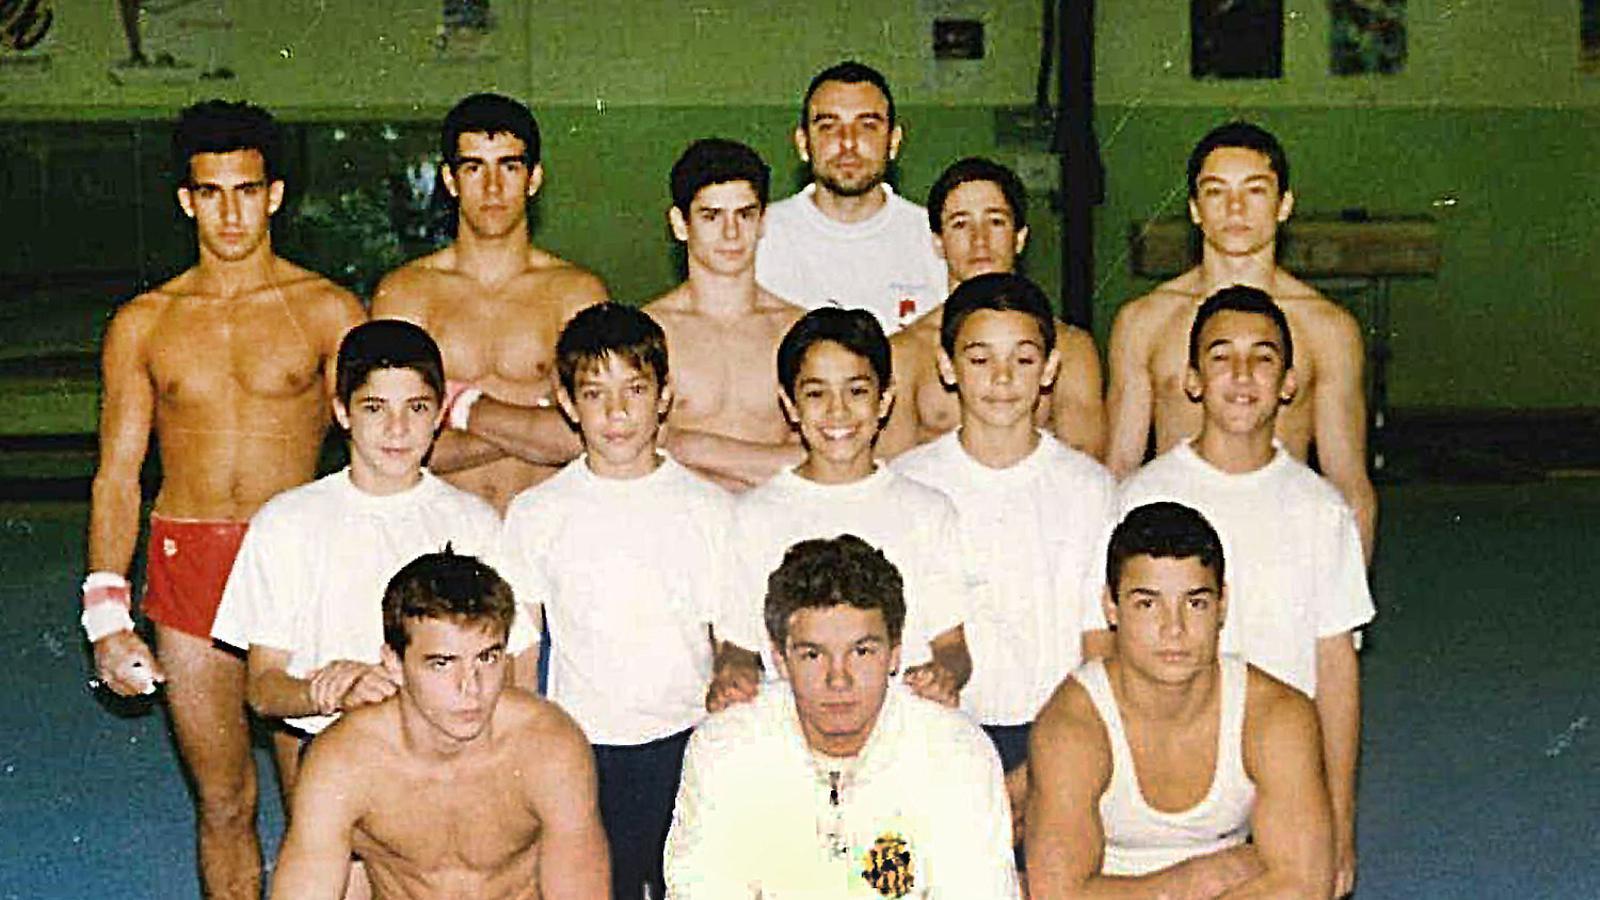 Una imatge d'adolescència. Deferr, a la fila de baix, a la dreta i amb els braços creuats. Víctor Cano, el primer per la dreta a la fila de dalt.